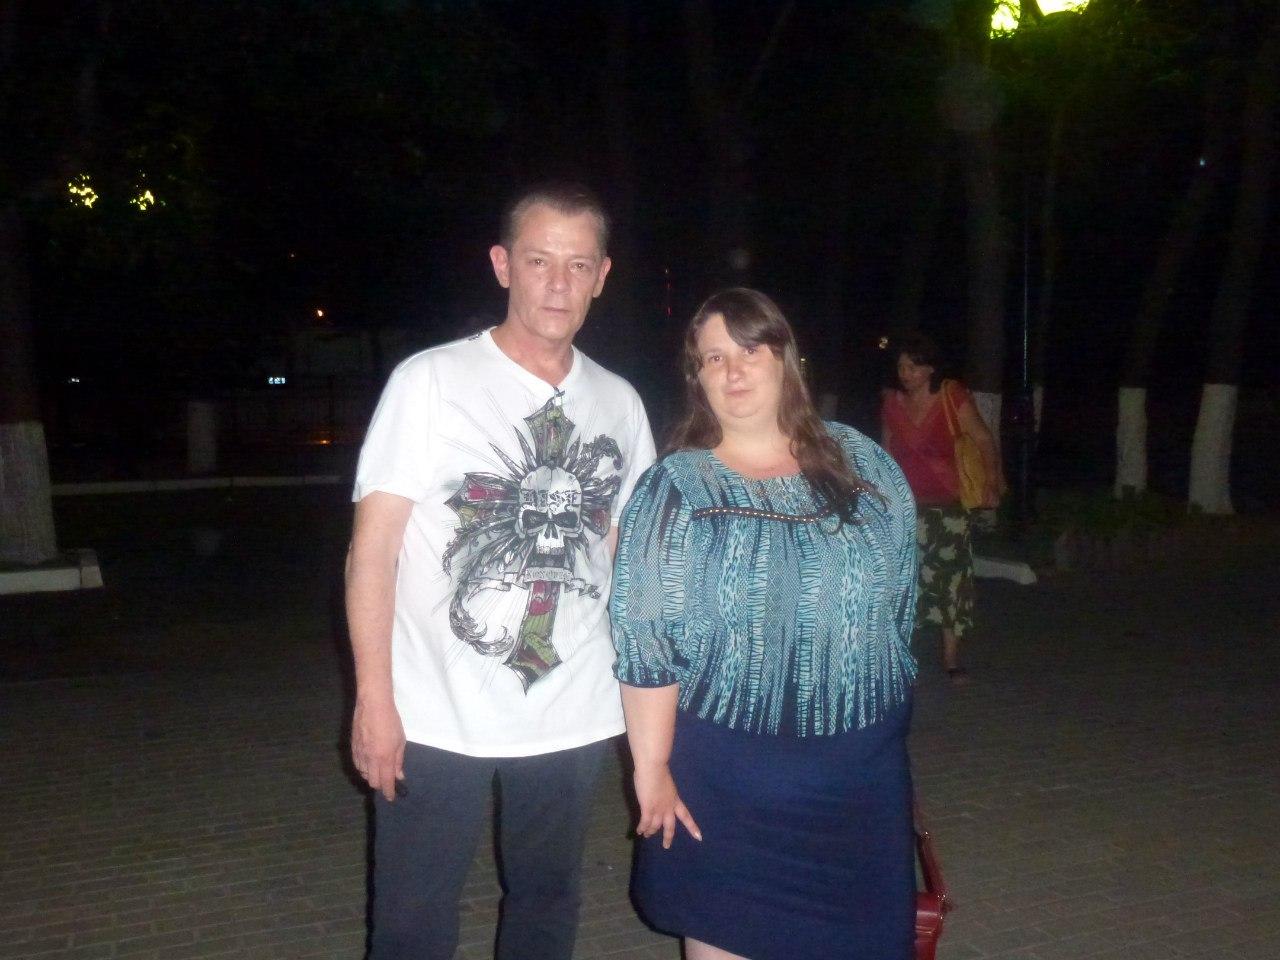 Вадим Казаченко: биография, личная жизнь, дети, семья, жены (фото)